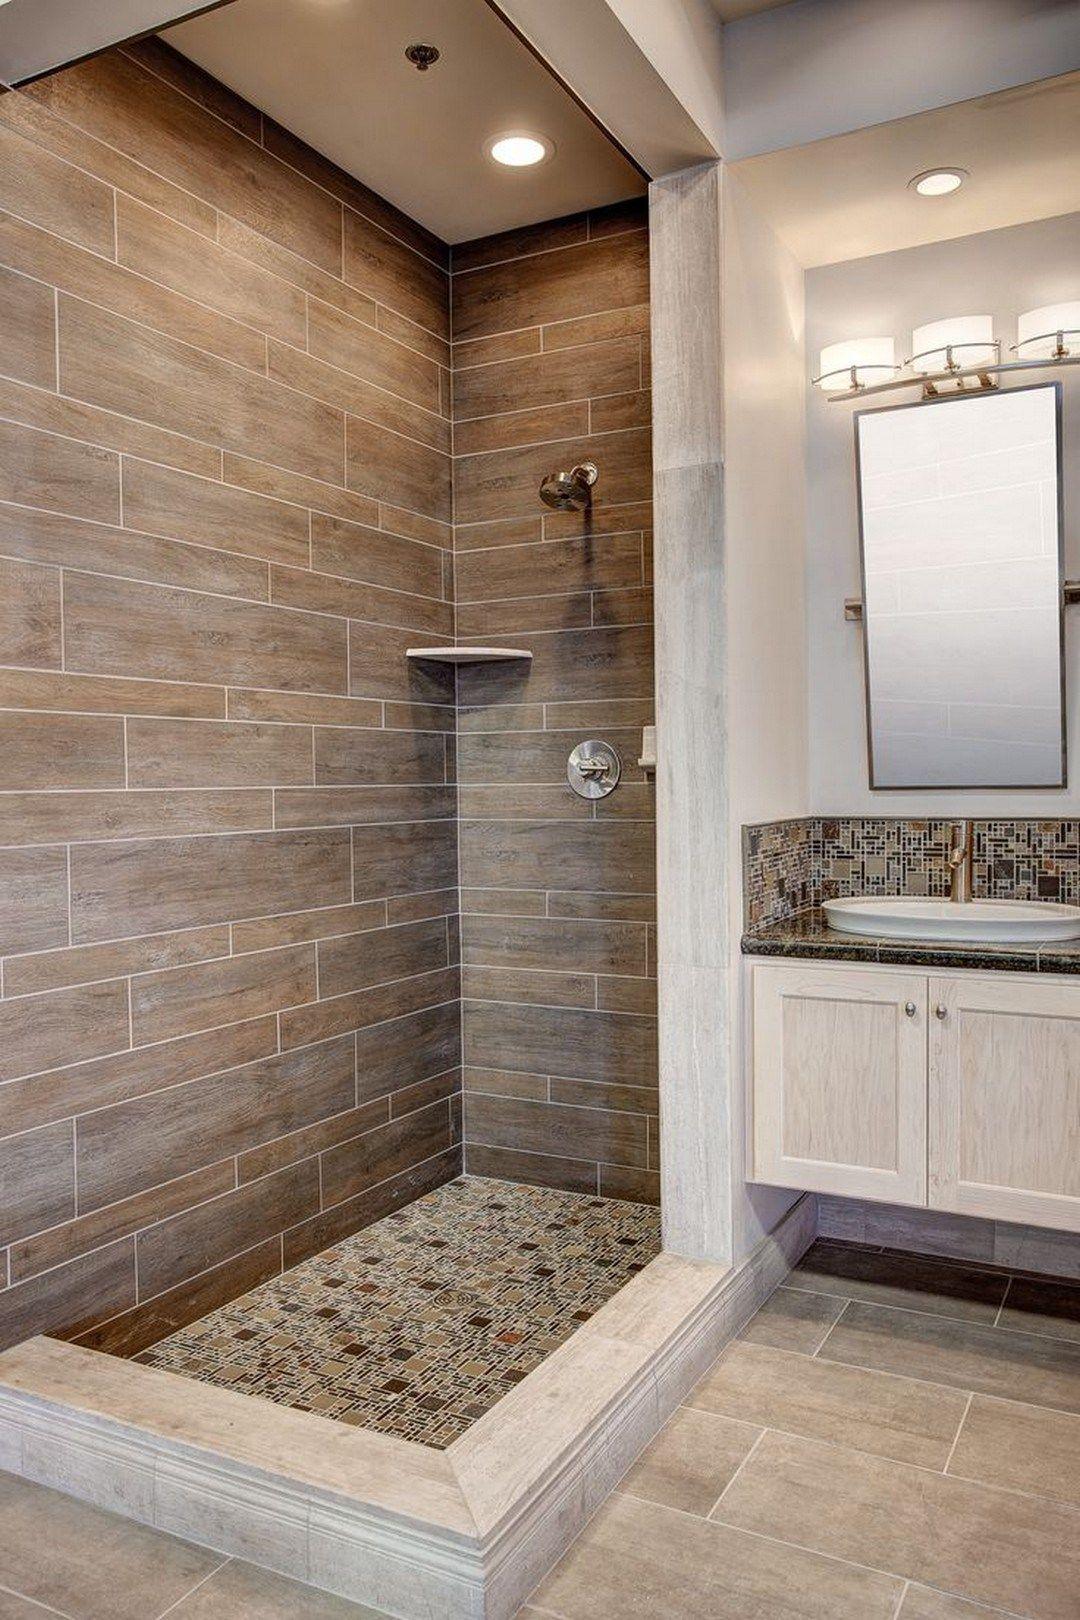 99 New Trends Bathroom Tile Design Inspiration 2017 22